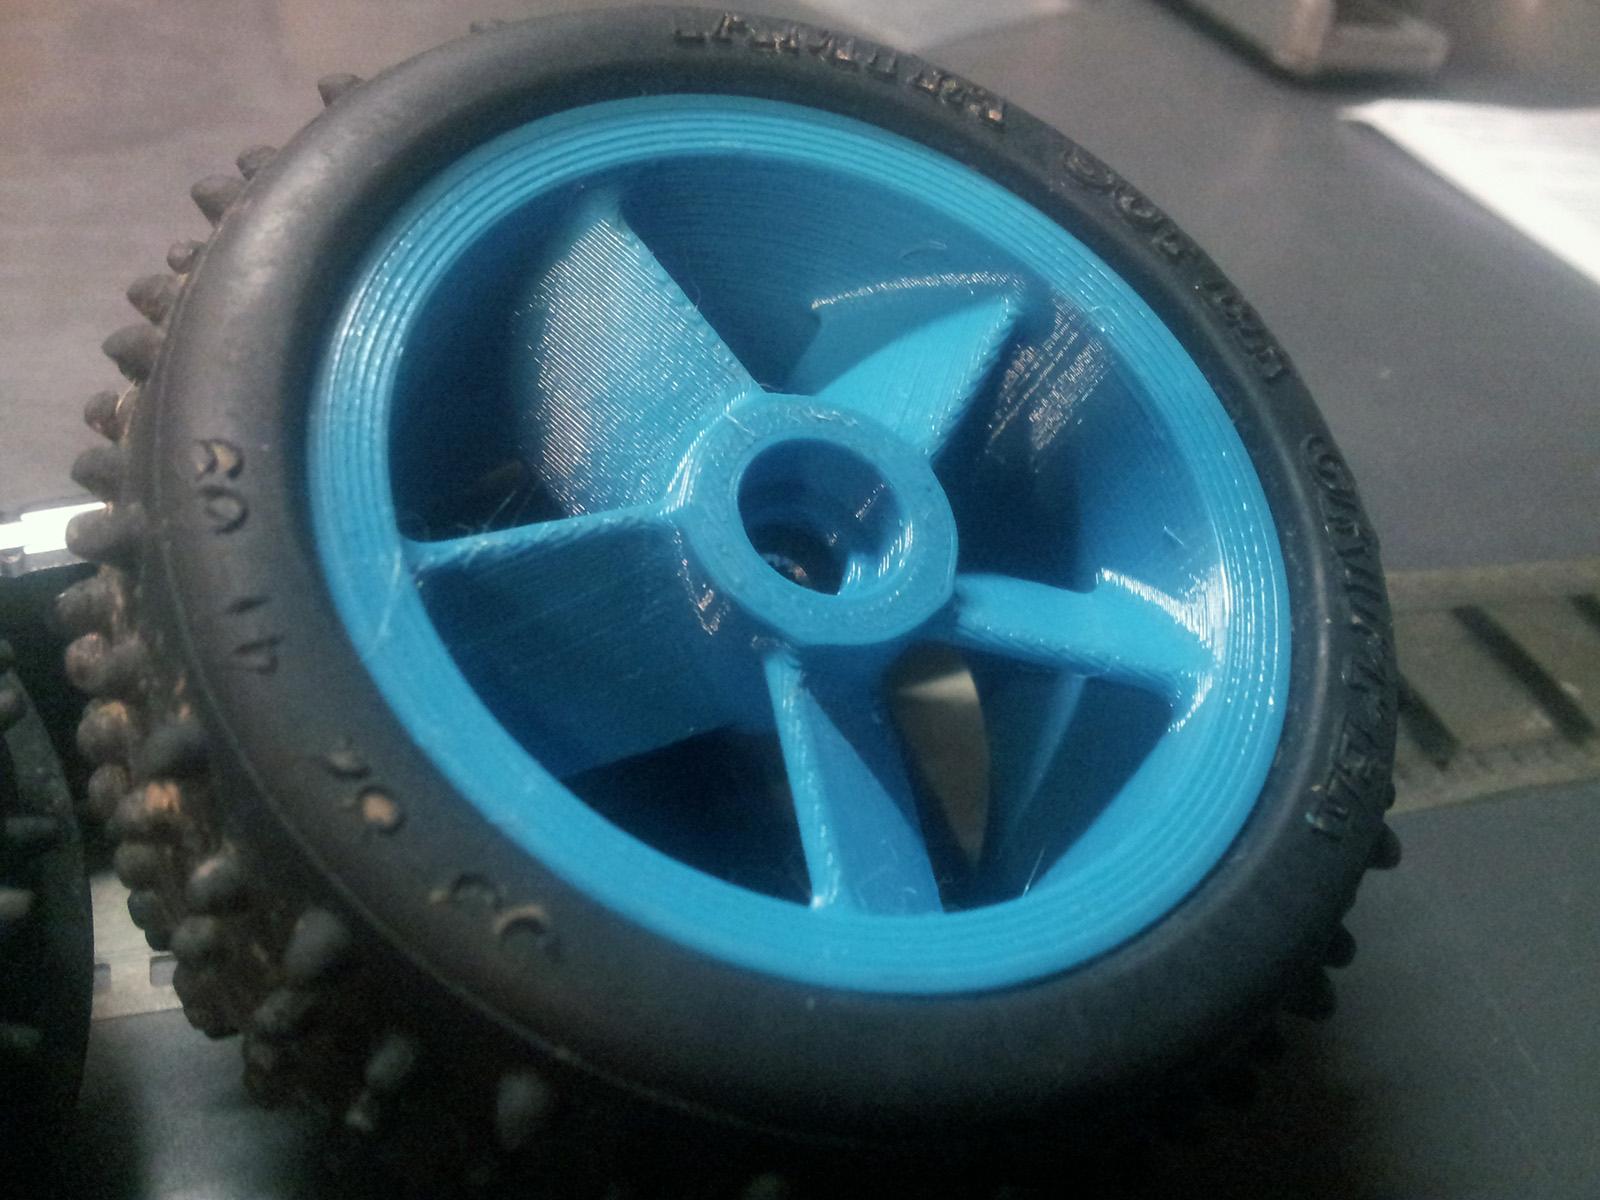 tamiya wrenchdog dyna storm nimrod racing turbin rim